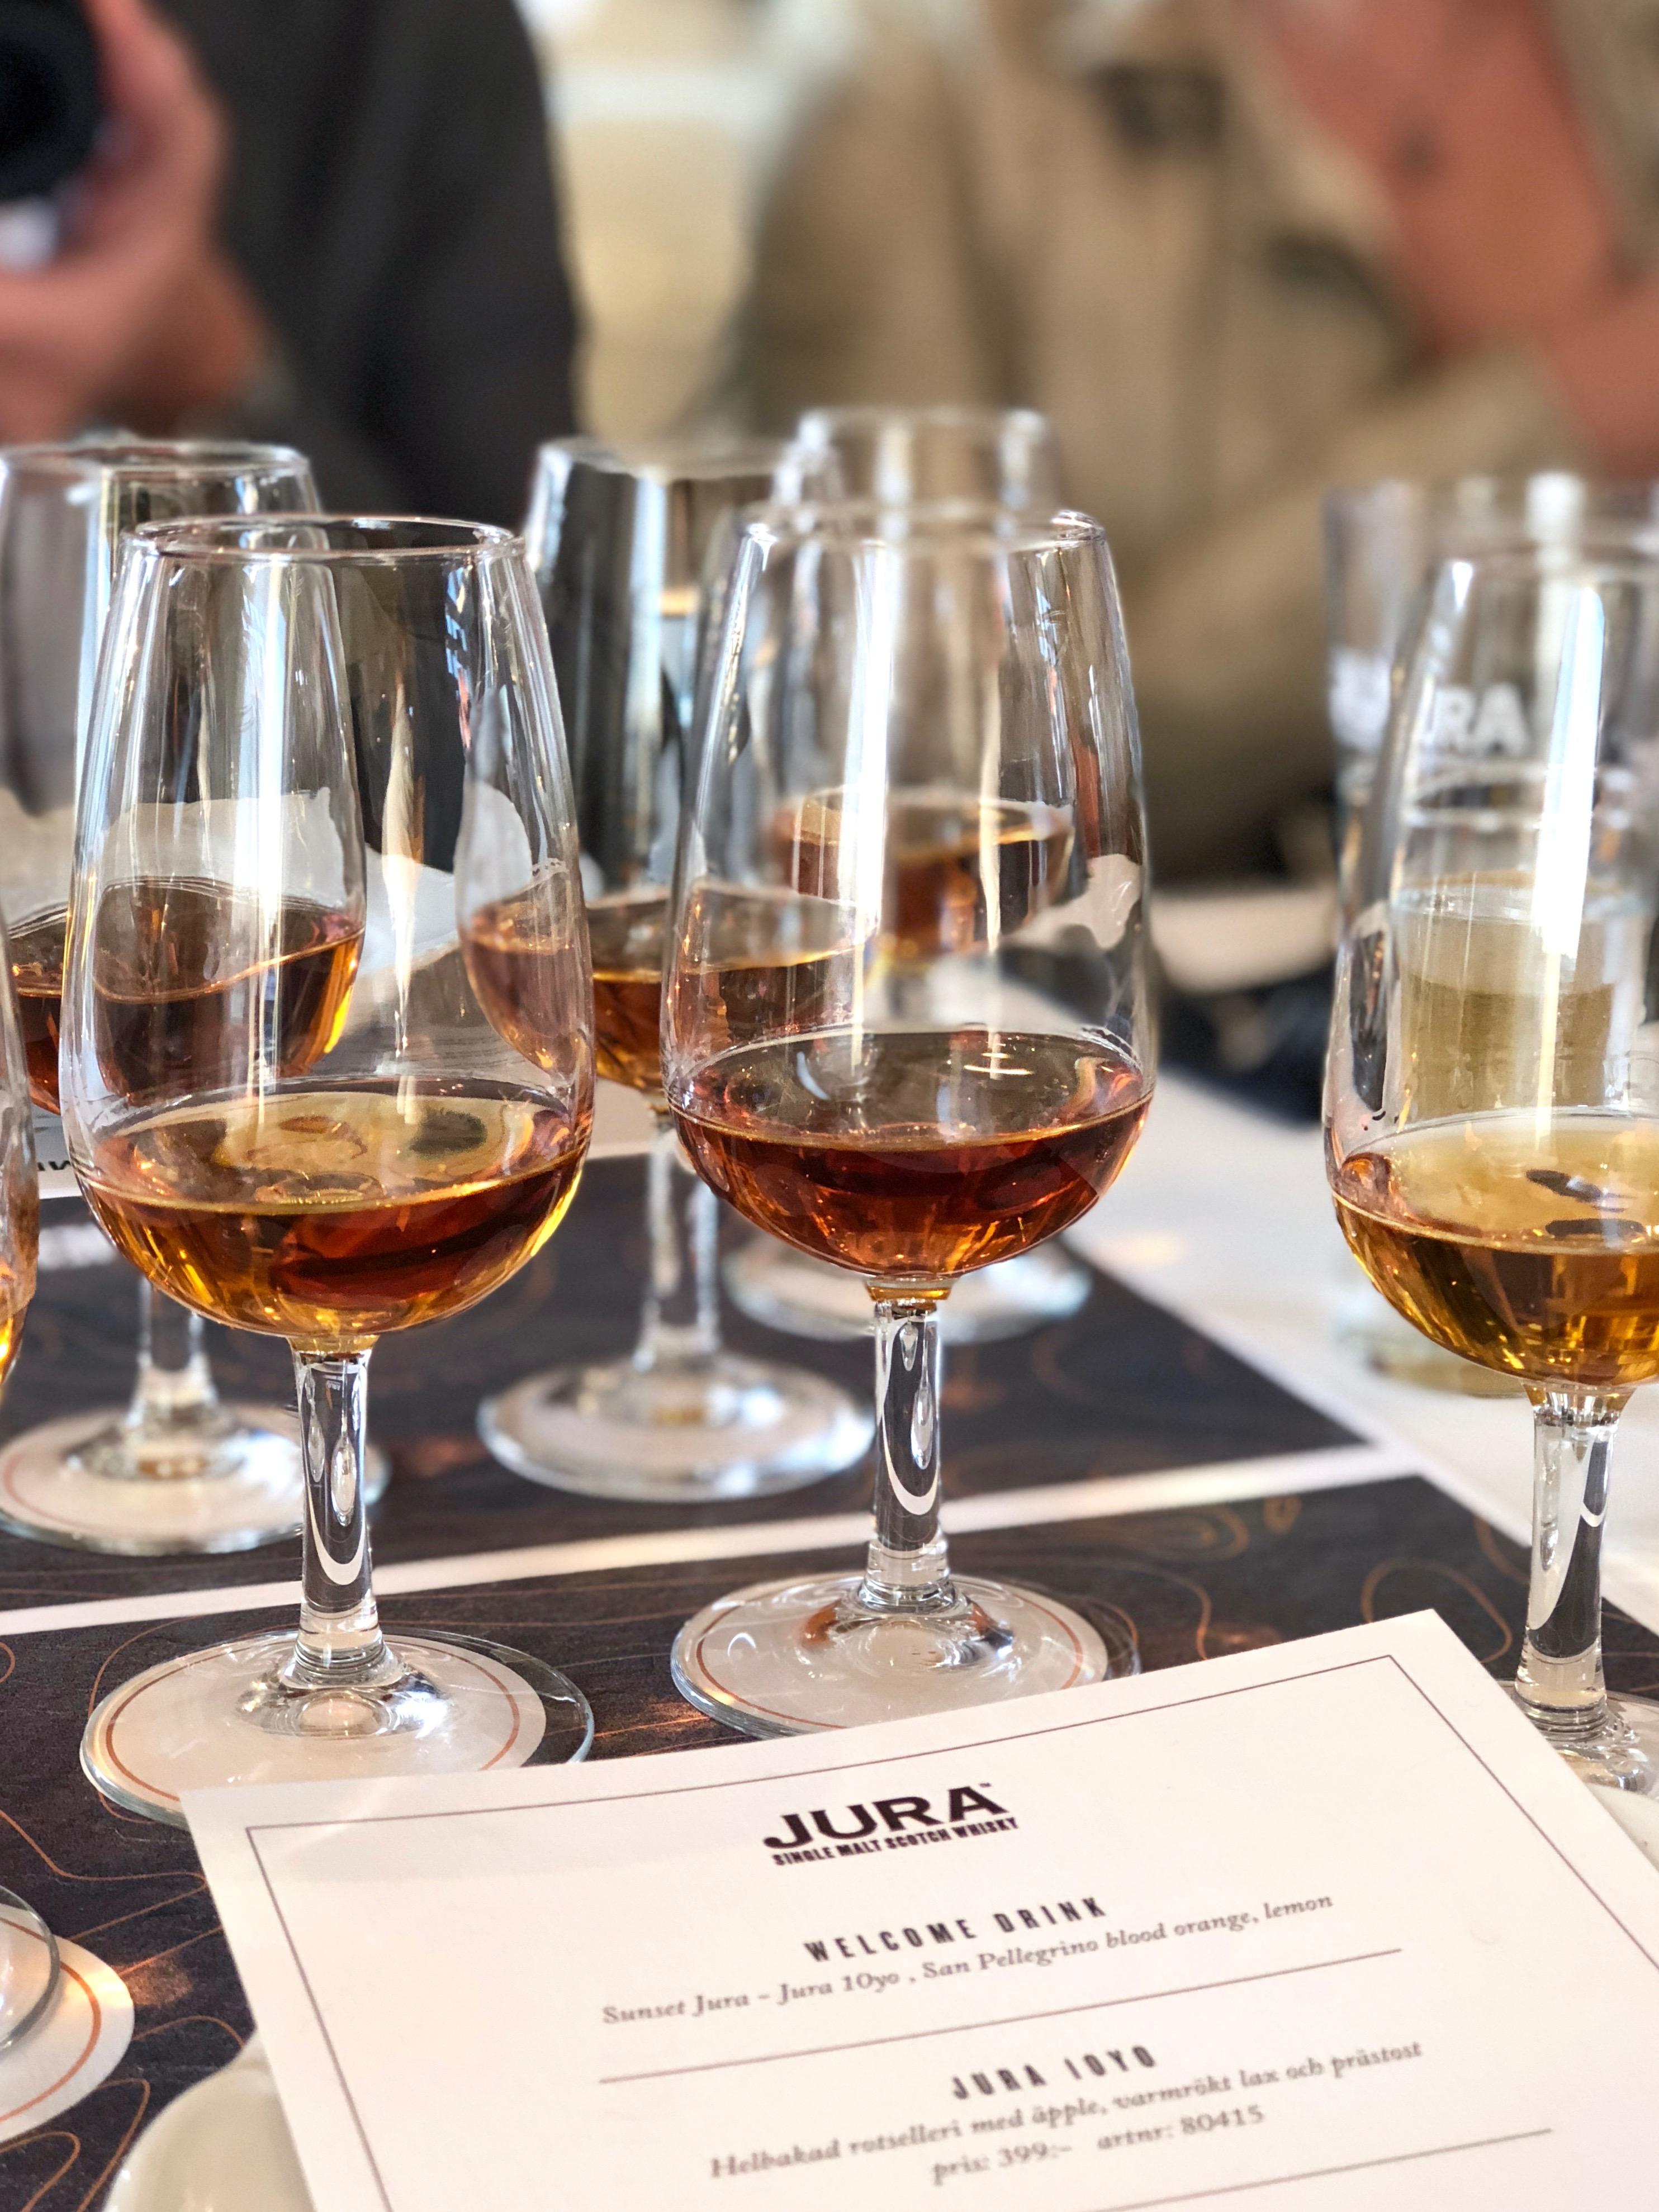 Jura Whisky provning